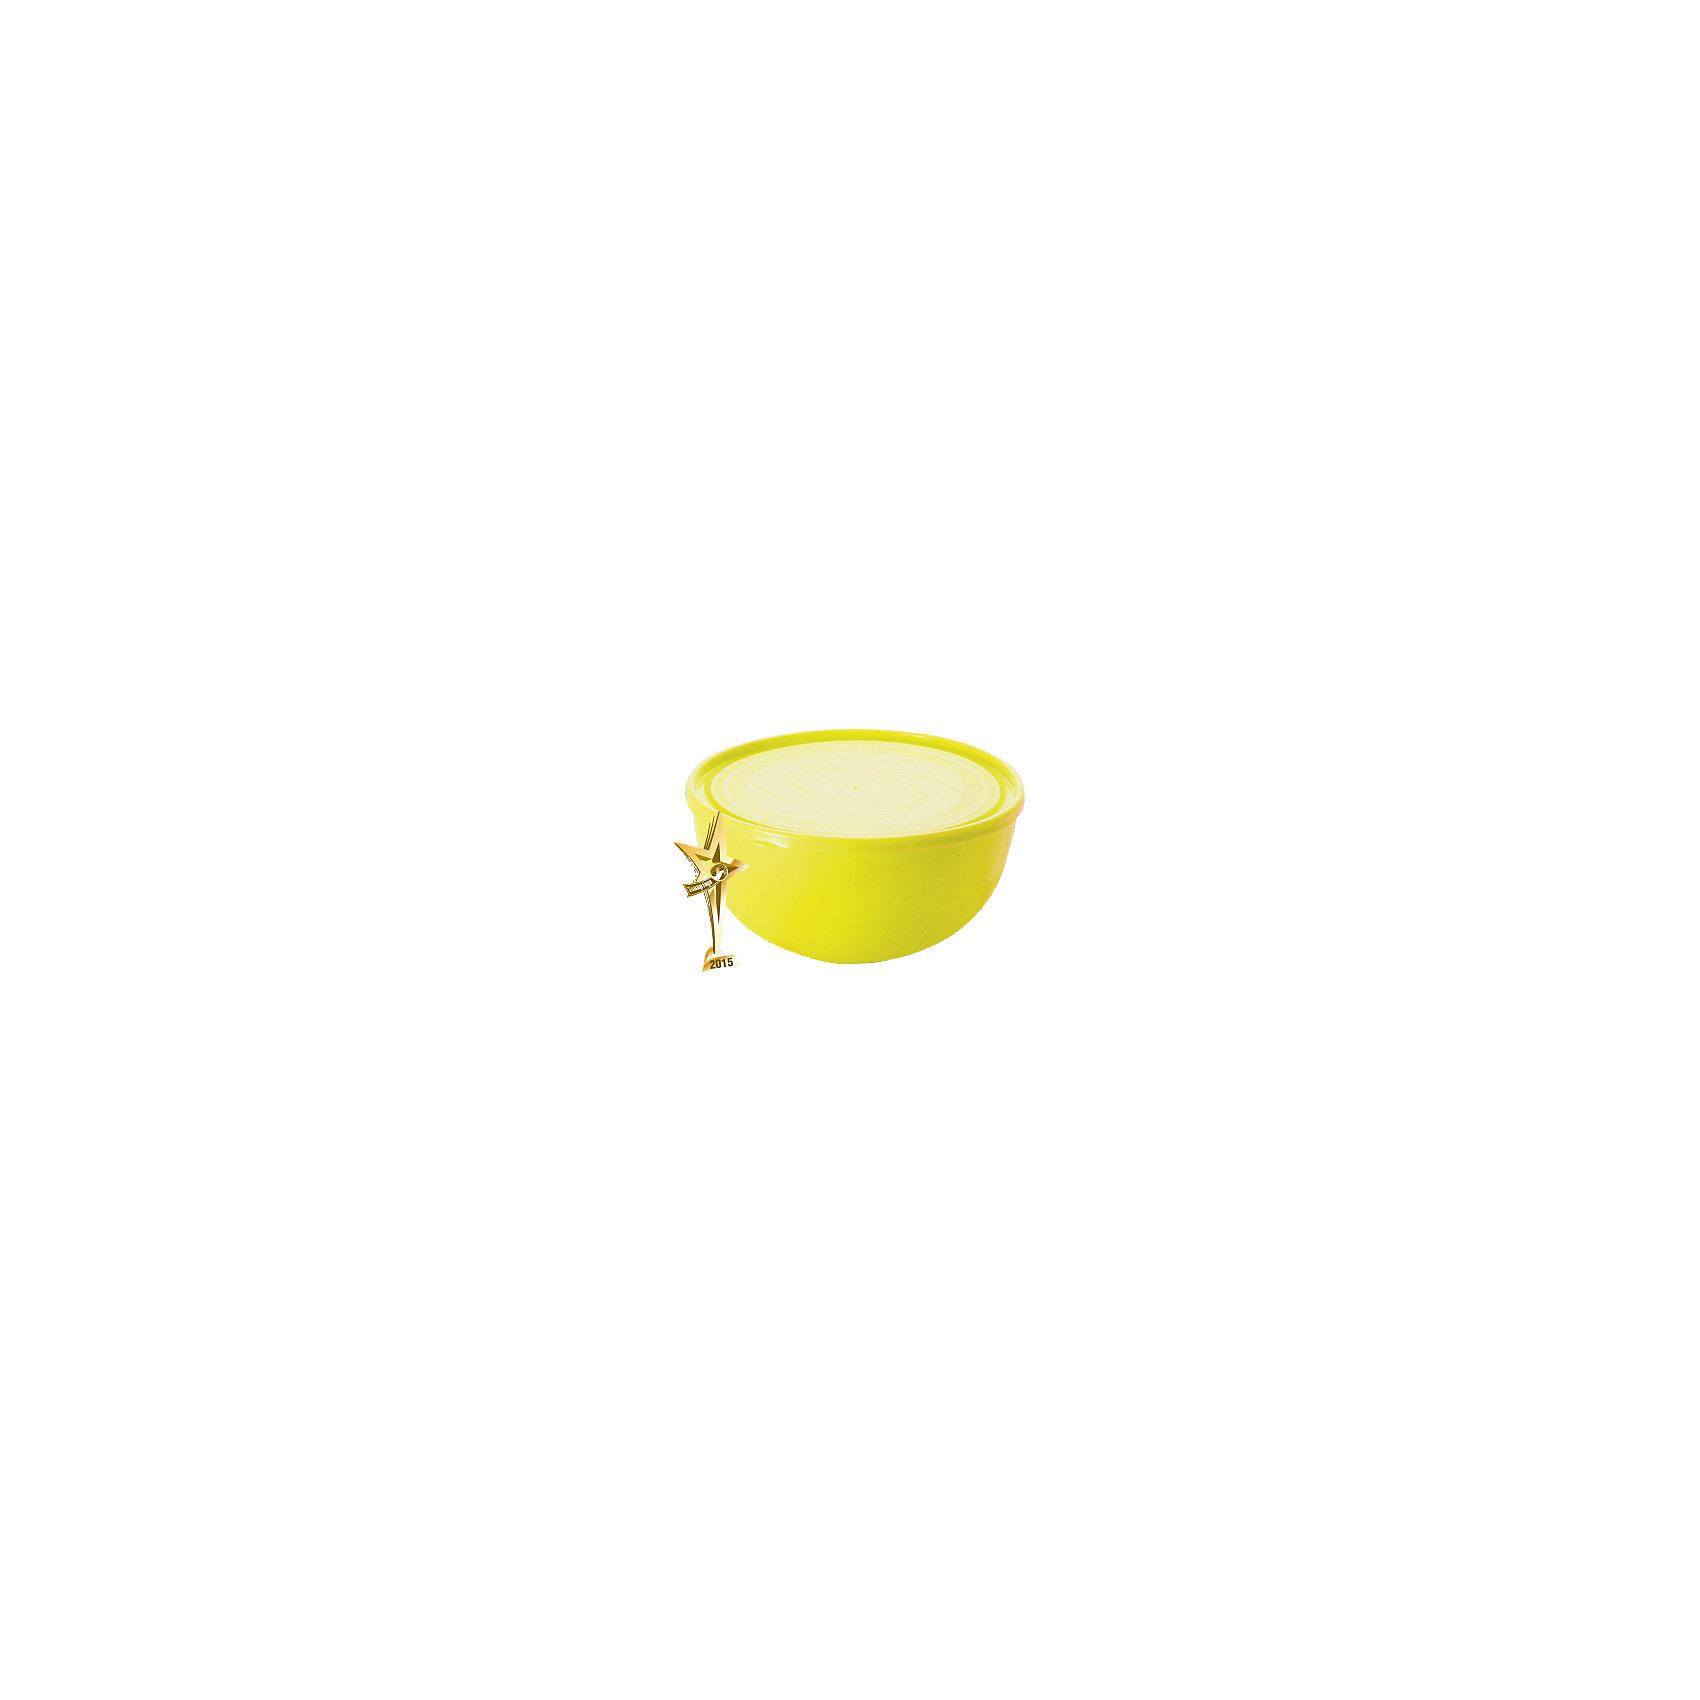 Салатник Galaxy 2,5 л с крышкой, Plastic CentreПосуда<br>Наш многофункциональный салатник с крышкой прекрасно подходит как для приготовления, так и для подачи различных блюд на стол. Лаконичный дизайн впишется в любую обстановку кухни. Крышка сохранит свежесть приготовленных блюд.<br><br>Ширина мм: 218<br>Глубина мм: 212<br>Высота мм: 105<br>Вес г: 174<br>Возраст от месяцев: 216<br>Возраст до месяцев: 1188<br>Пол: Унисекс<br>Возраст: Детский<br>SKU: 5545694